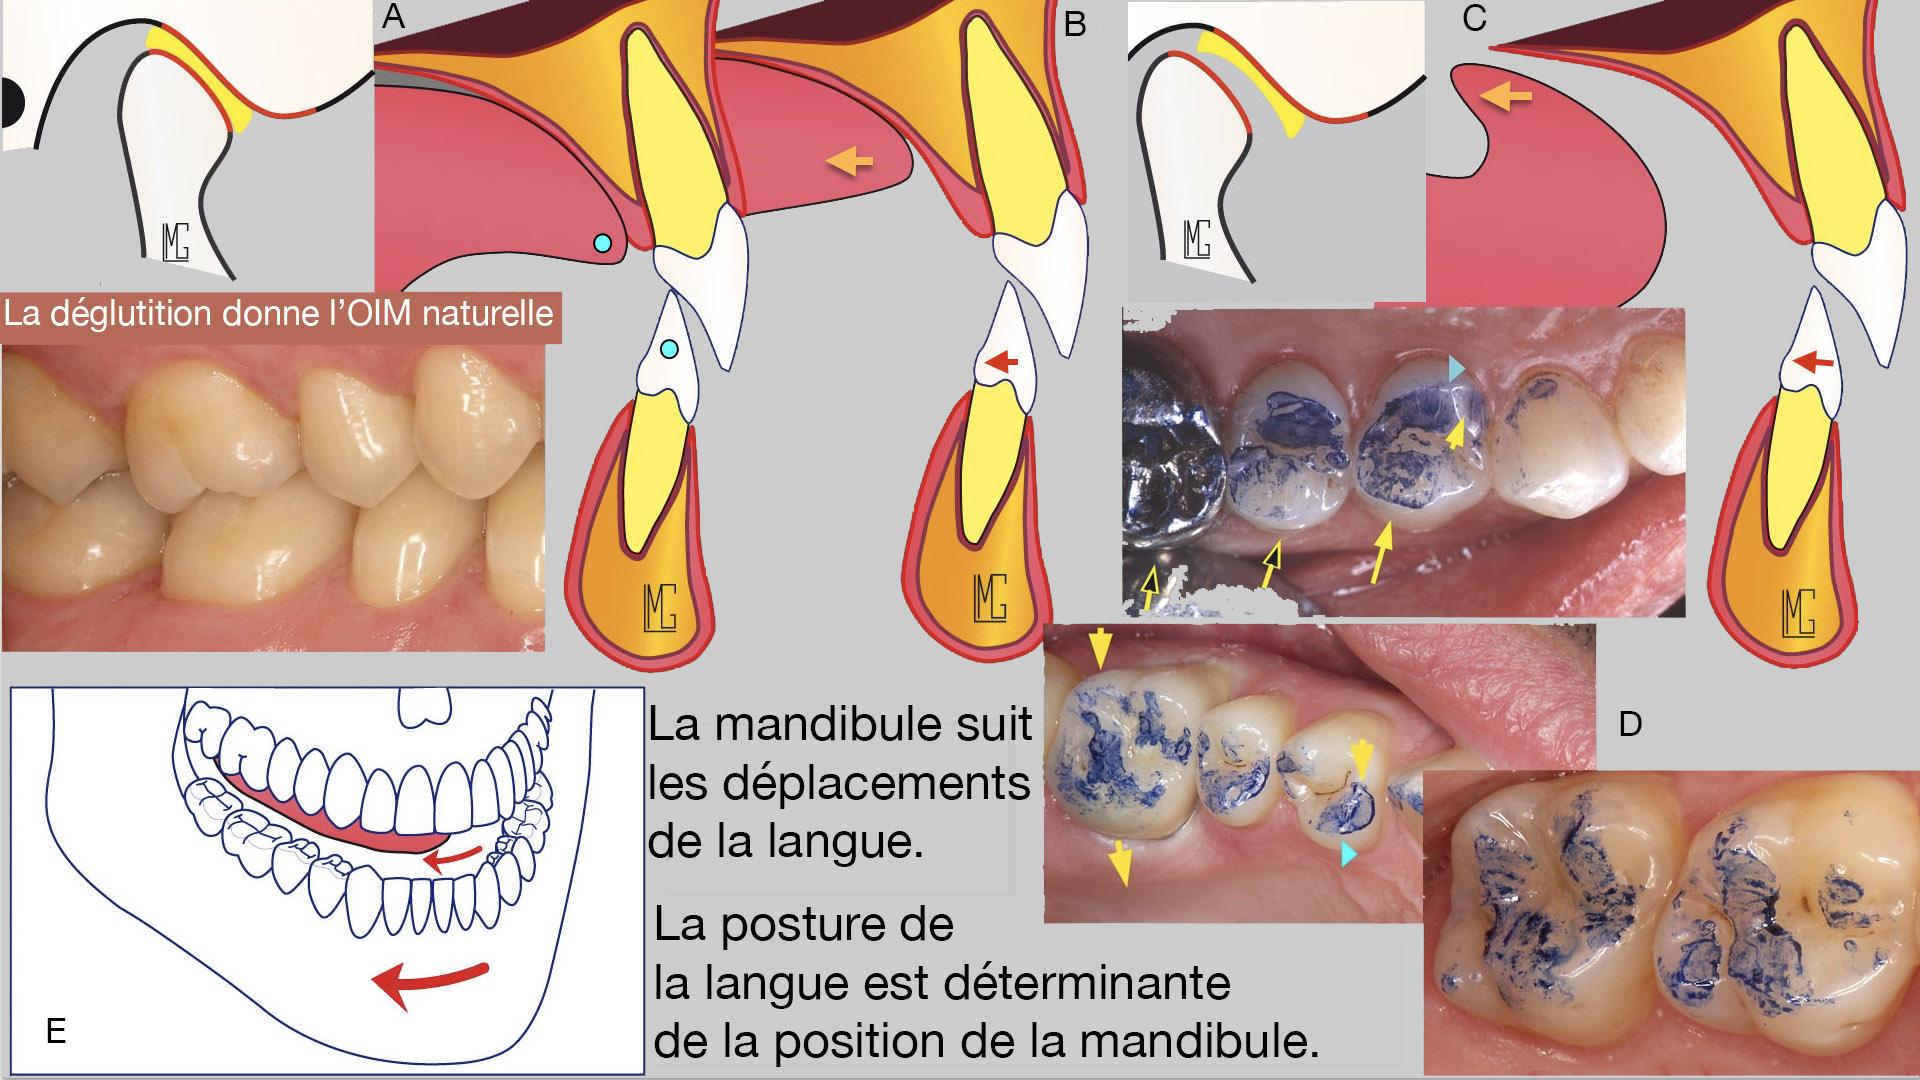 umflarea picioarelor articulațiilor și viței tratamentul articulației umărului uman